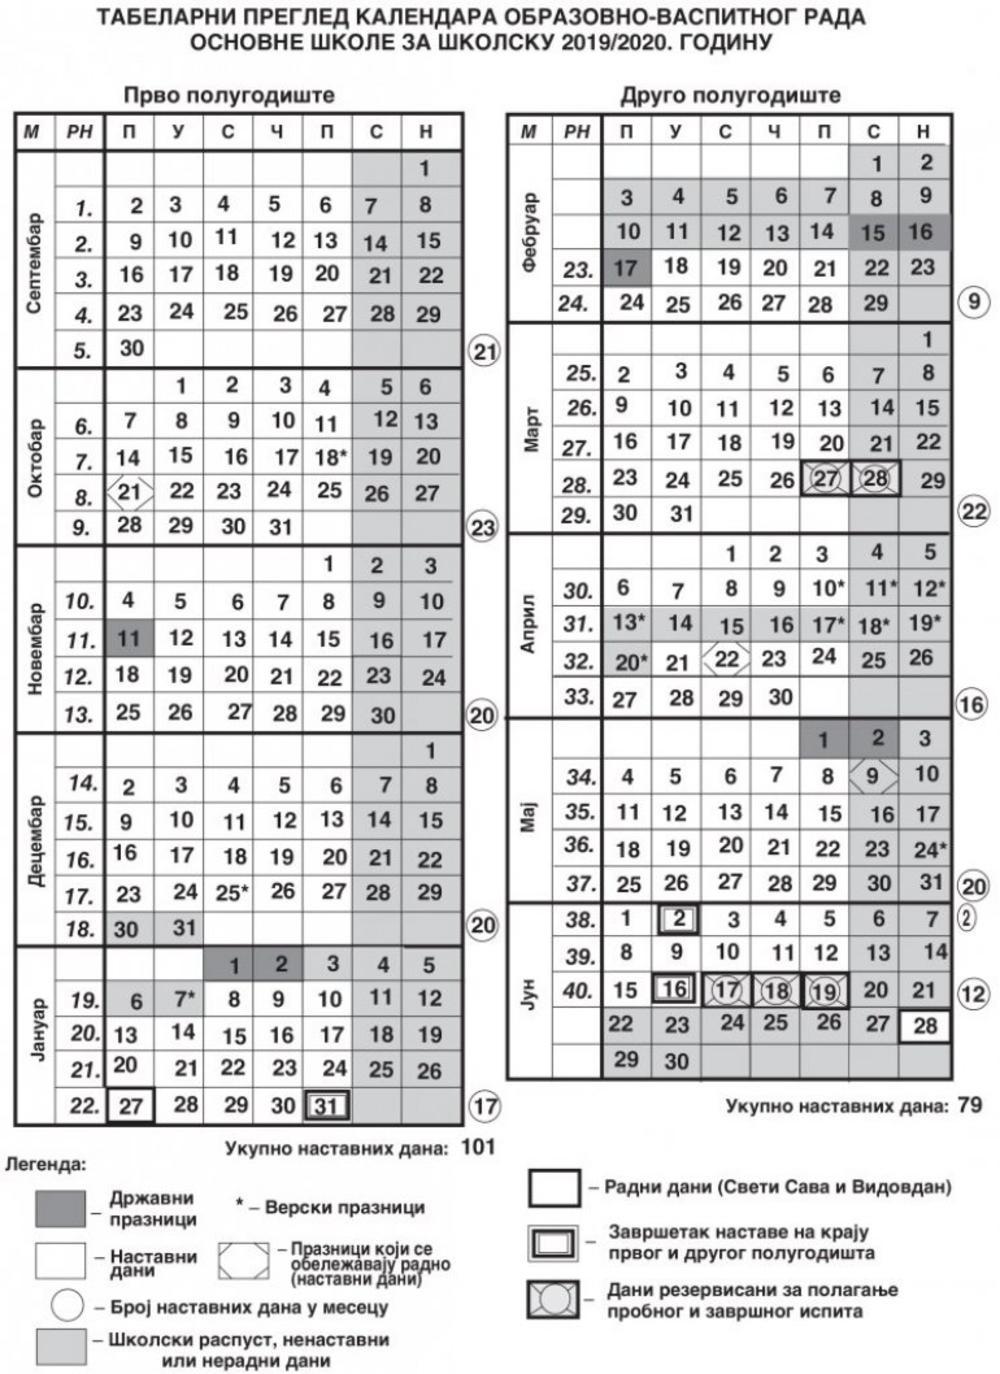 https://www.espreso.rs/data/images/2019/08/16/10/615449_kalendar_ff.jpg?ver=1565942659